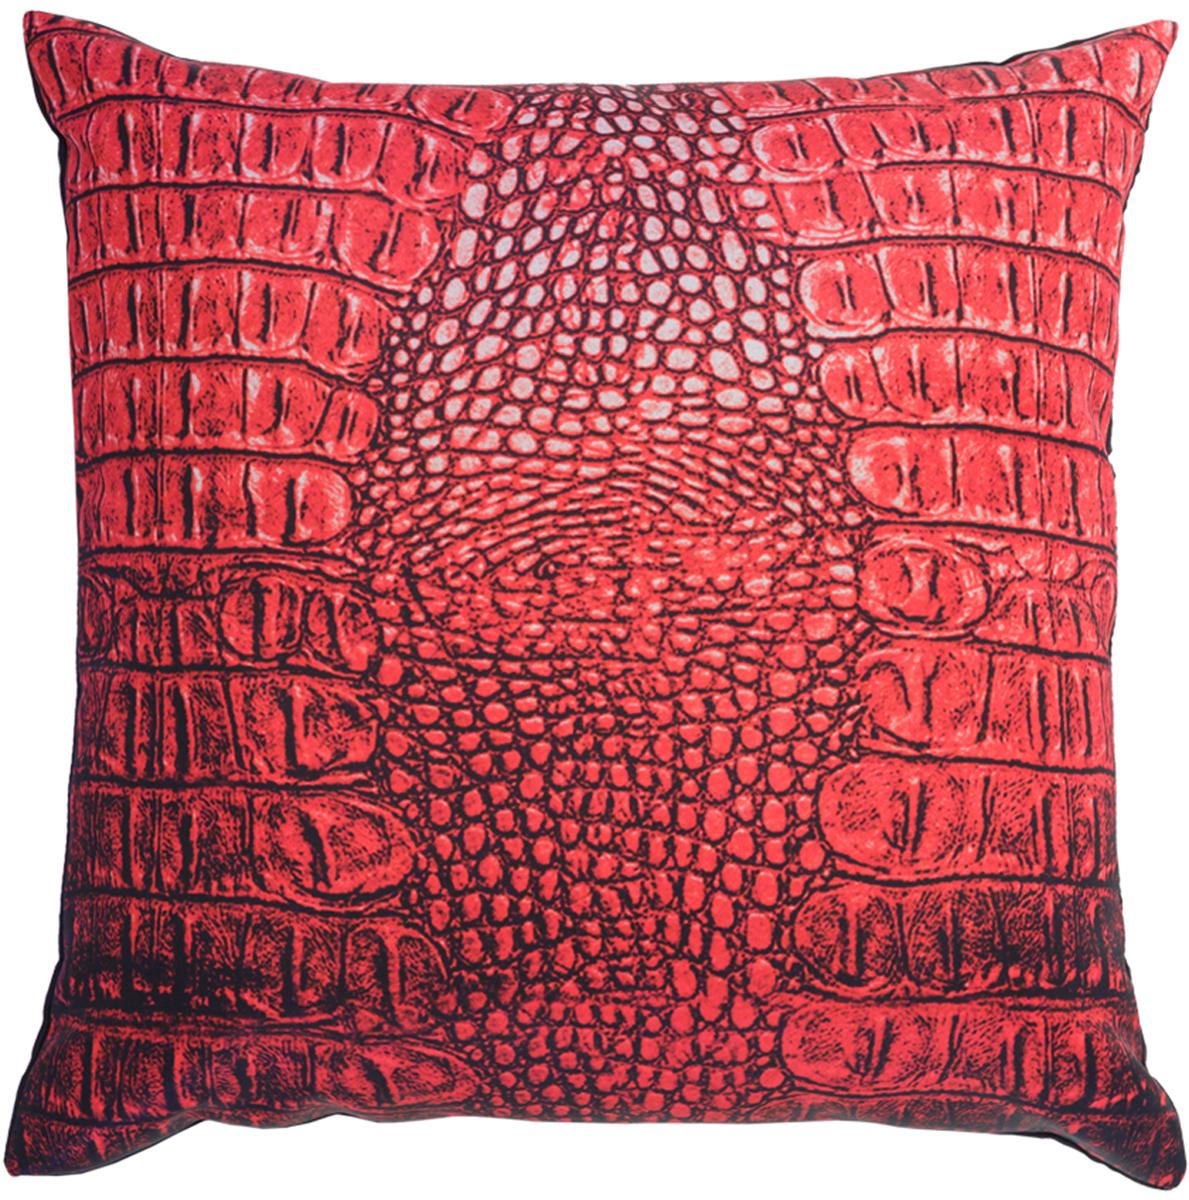 Подушка декоративная GiftnHome Крокодил, цвет: красный, 35 х 35 смU210DFПодушка декоративная GiftnHome Крокодил прекрасно дополнит интерьер спальни или гостиной. Чехол подушки выполнен из атласа (искусственный шелк) и оформлен изысканным орнаментом. В качестве наполнителя используется мягкий холлофайбер. Чехол снабжен потайной застежкой-молнией, благодаря чему его легко можно снять и постирать. Красивая подушка создаст атмосферу уюта в доме и станет прекрасным элементом декора.